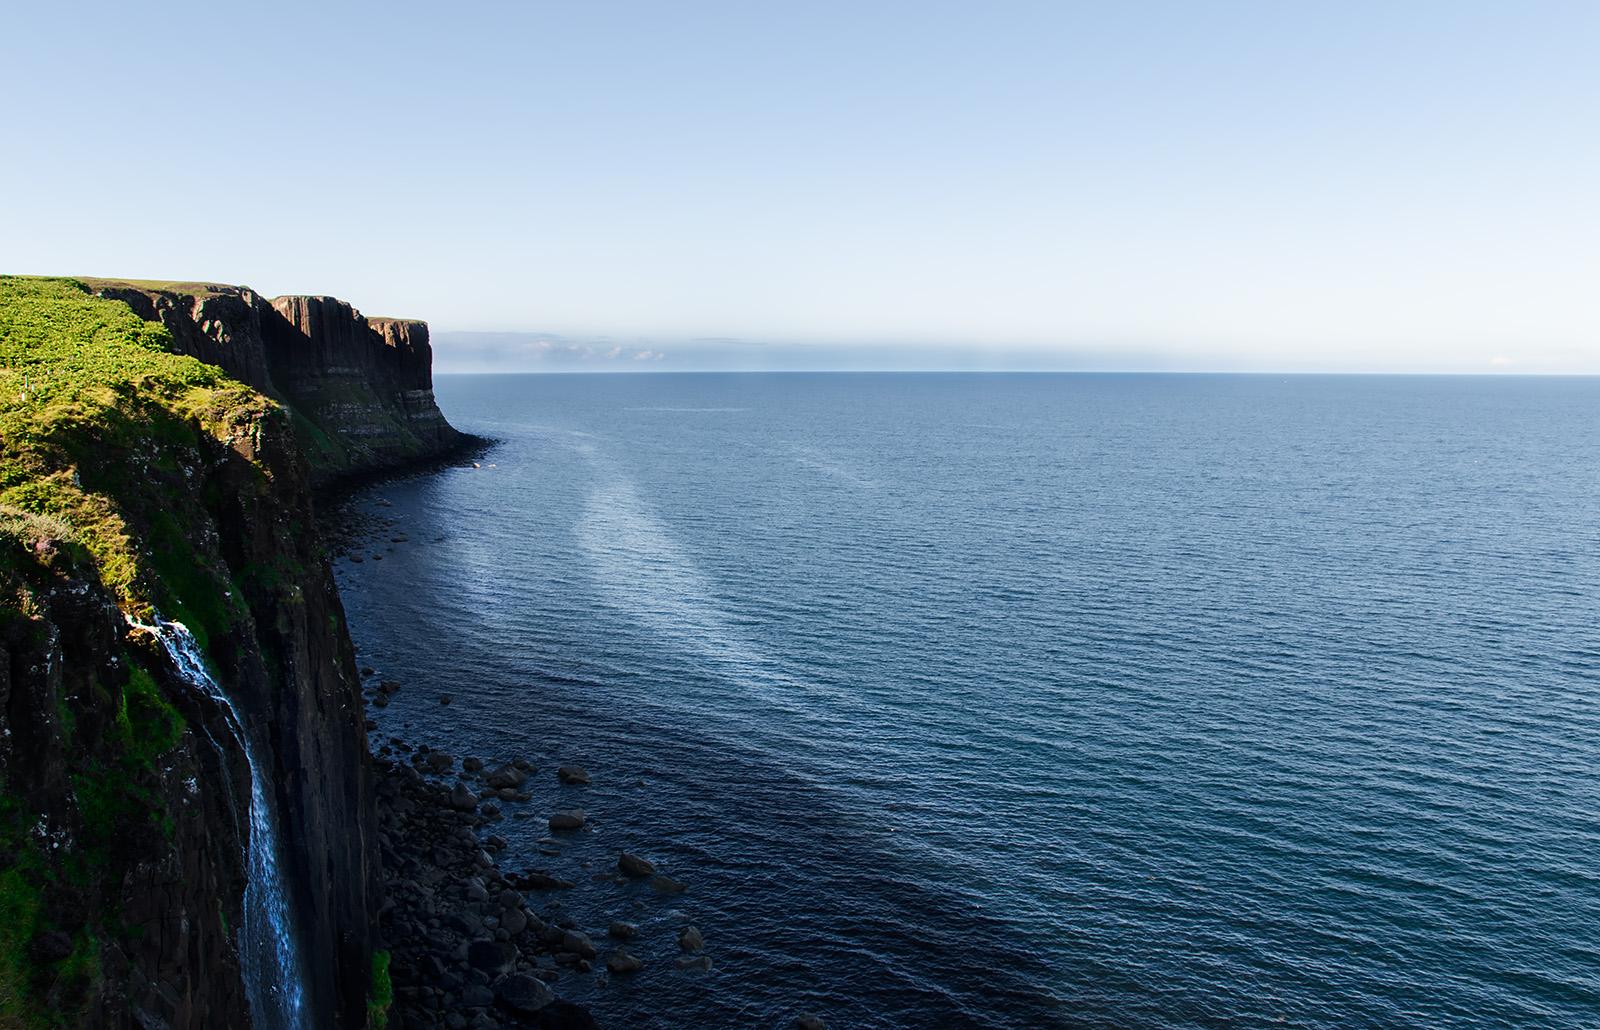 Steilküste in der Nähe von Kilt Rock